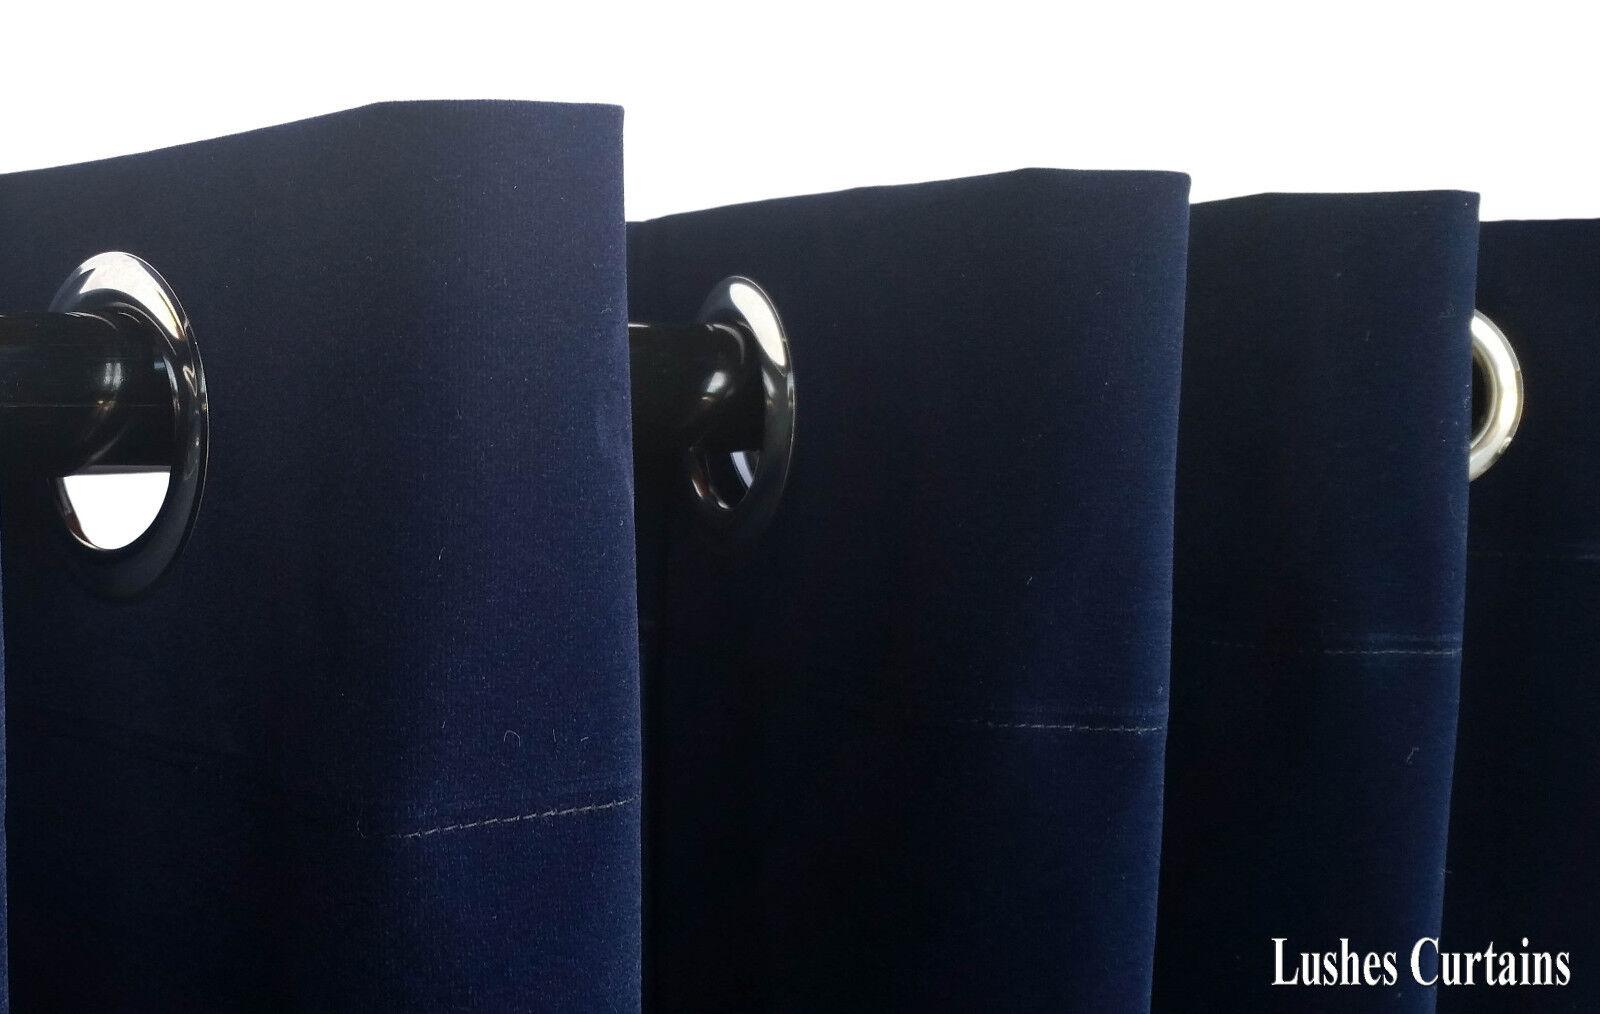 Solid Marineblau 27.9cmh Samt Vorhang Vorhang Vorhang TAFELL M   dichtkörper oberen Ösen Fenster 54c3e7